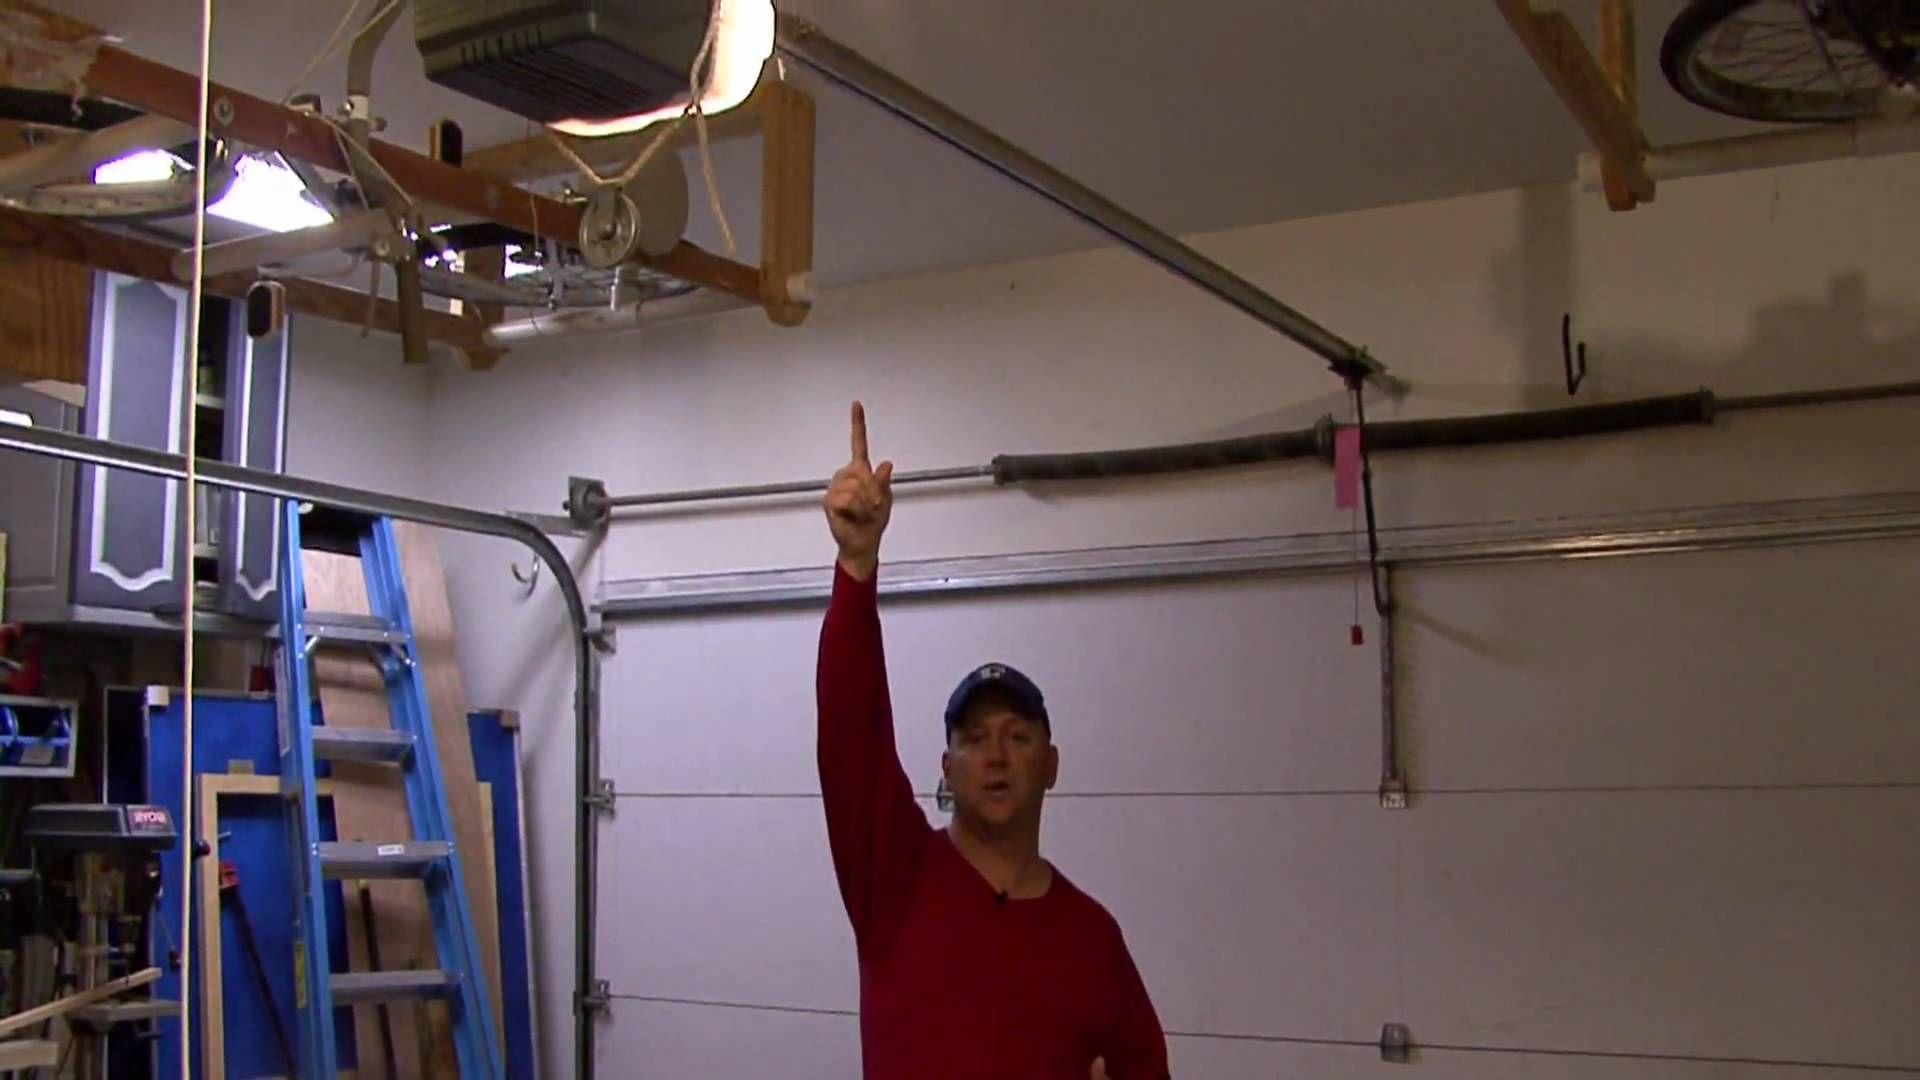 Installation Of Automatic Sensor On Garagedooropener Call Us 844 611 2478 For Mo Garage Door Opener Repair Garage Door Repair Service Garage Door Types